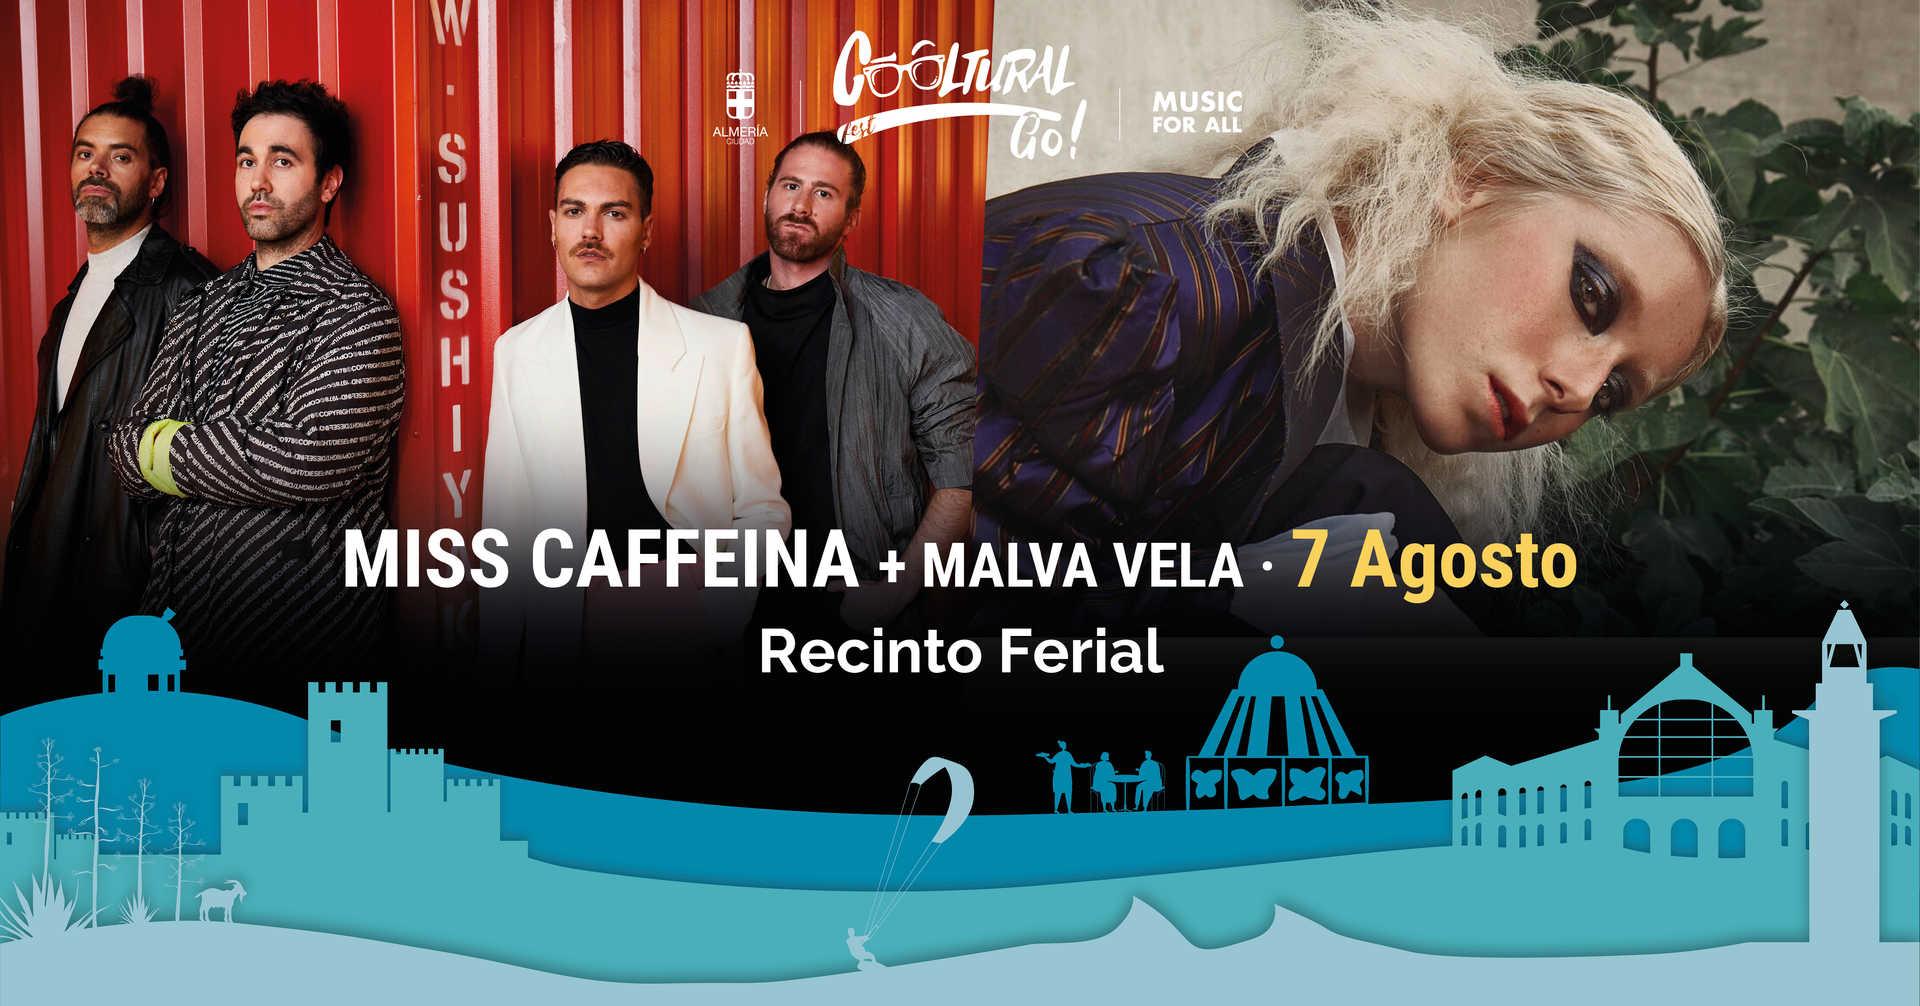 Miss Caffeina y Malva Vela en concierto